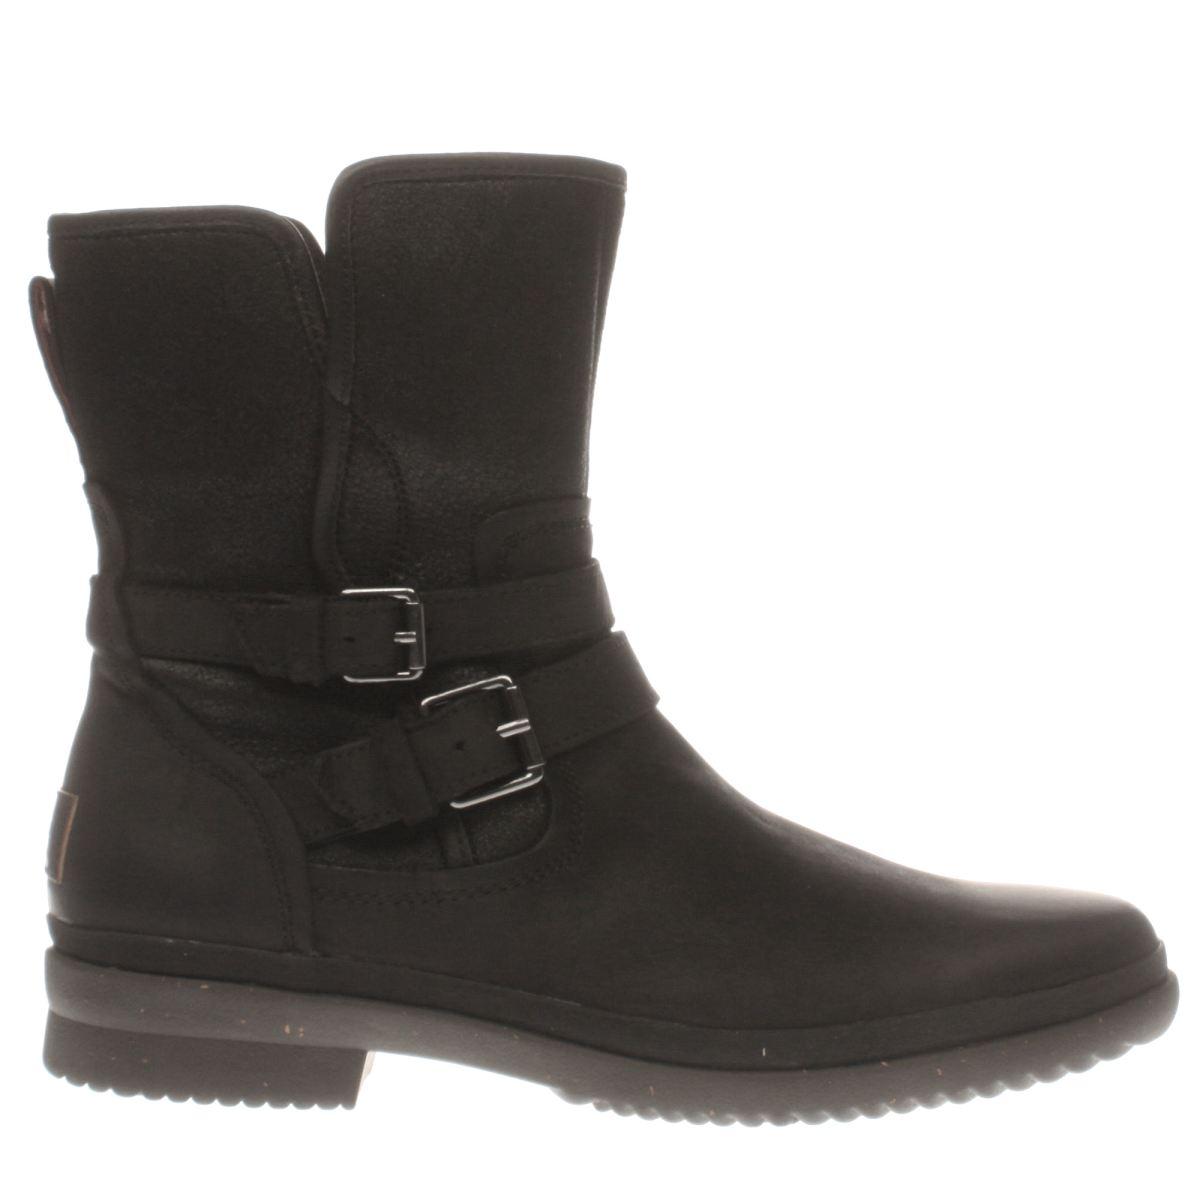 womens ugg boots short